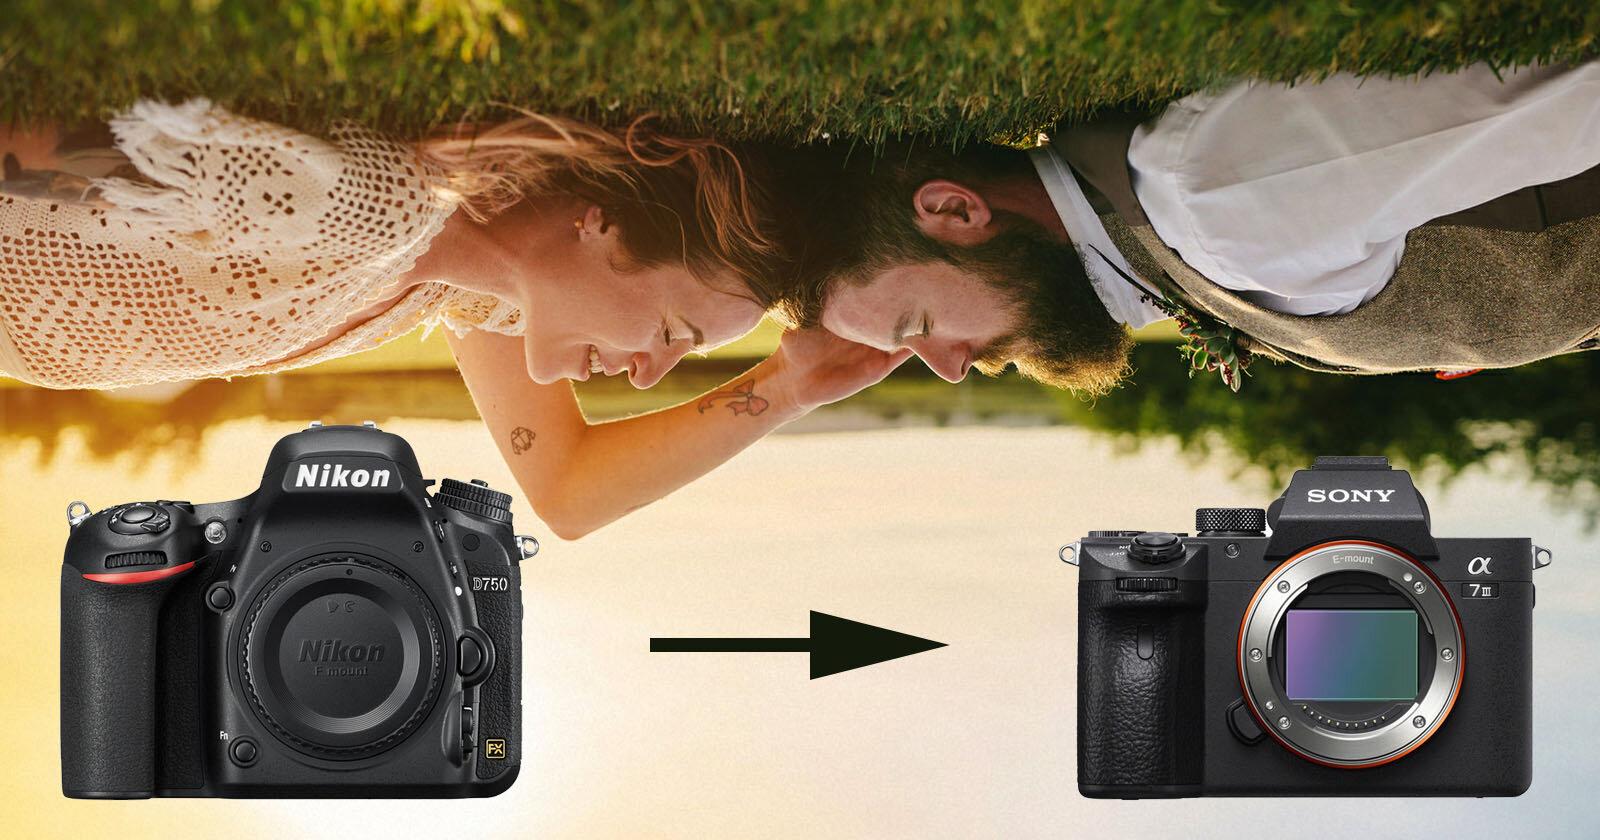 Tính năng nổi bật của 2 loại máy ảnh